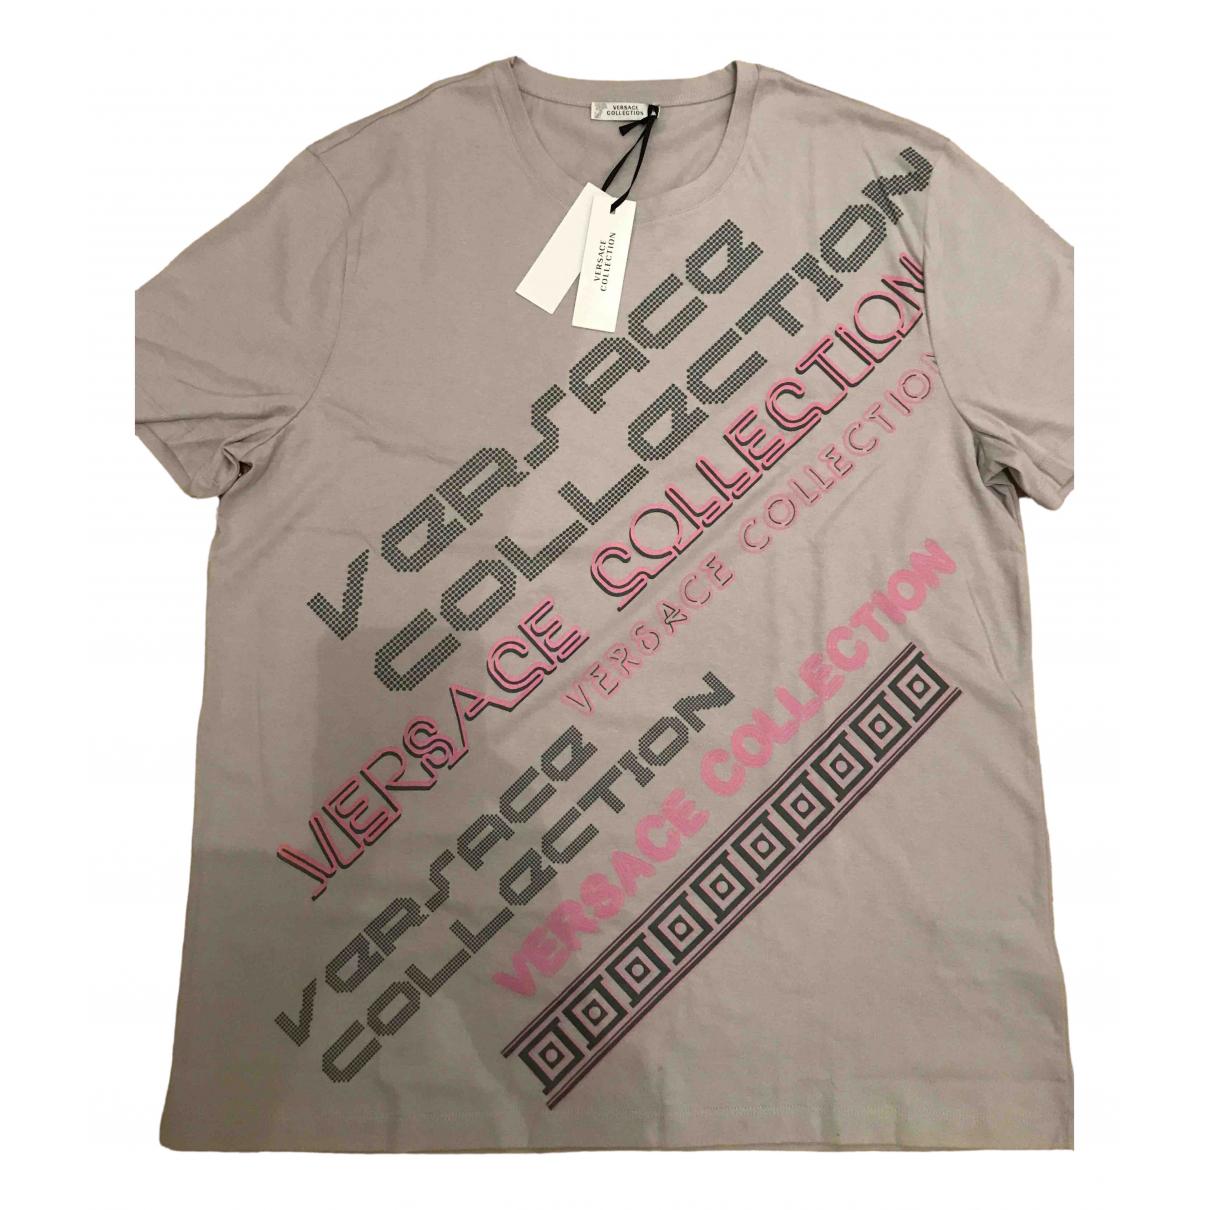 Versace - Tee shirts   pour homme en coton - beige